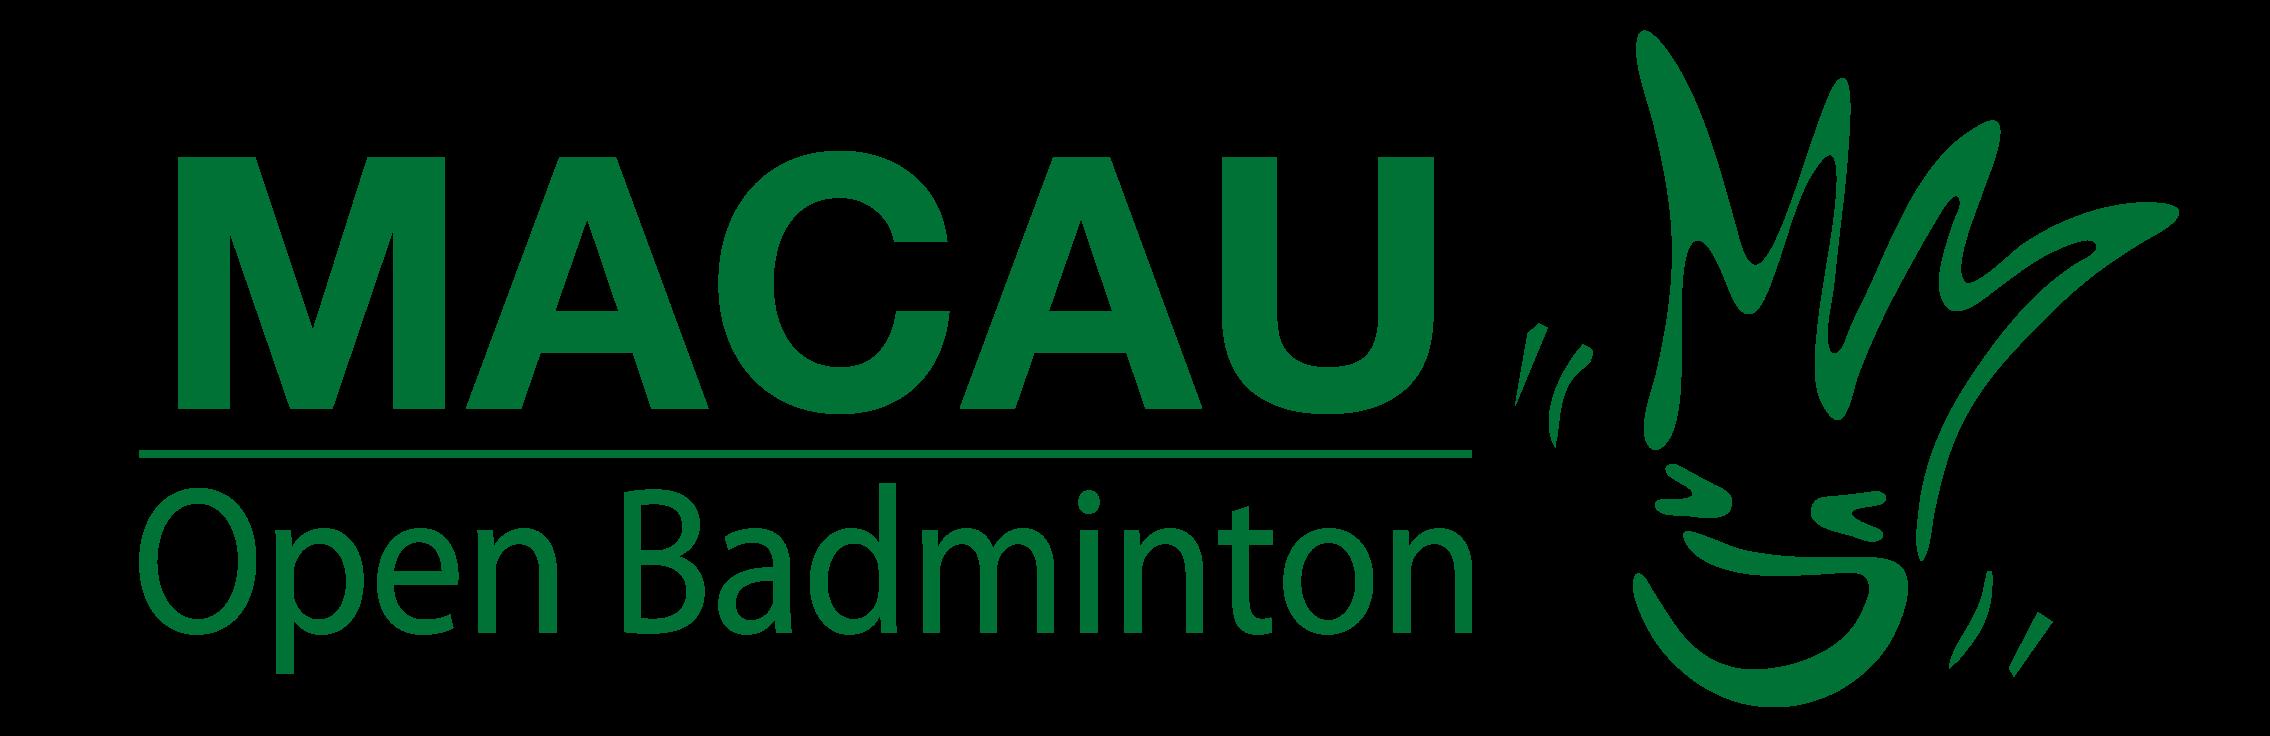 Macau Open Badminton 2019